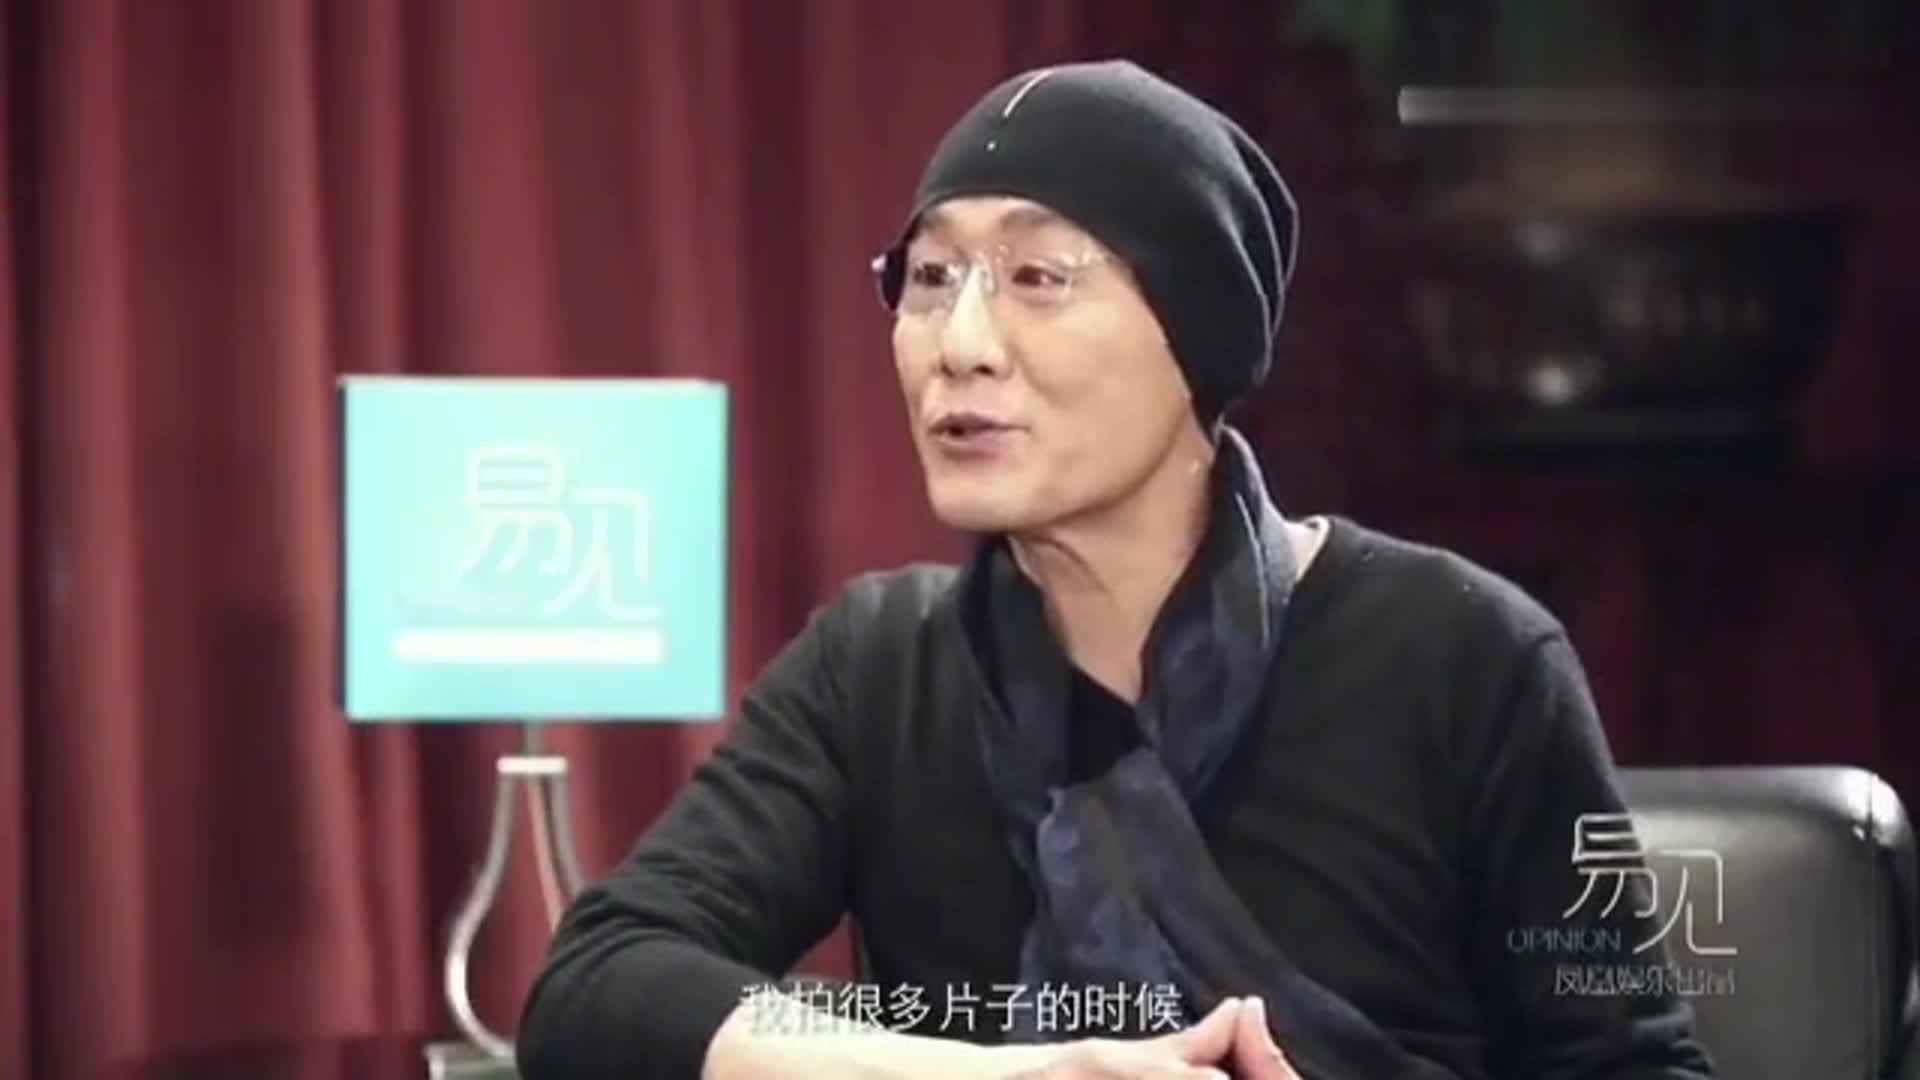 为何无片酬拍建党伟业,梁家辉直言为国家拍电影是责任!